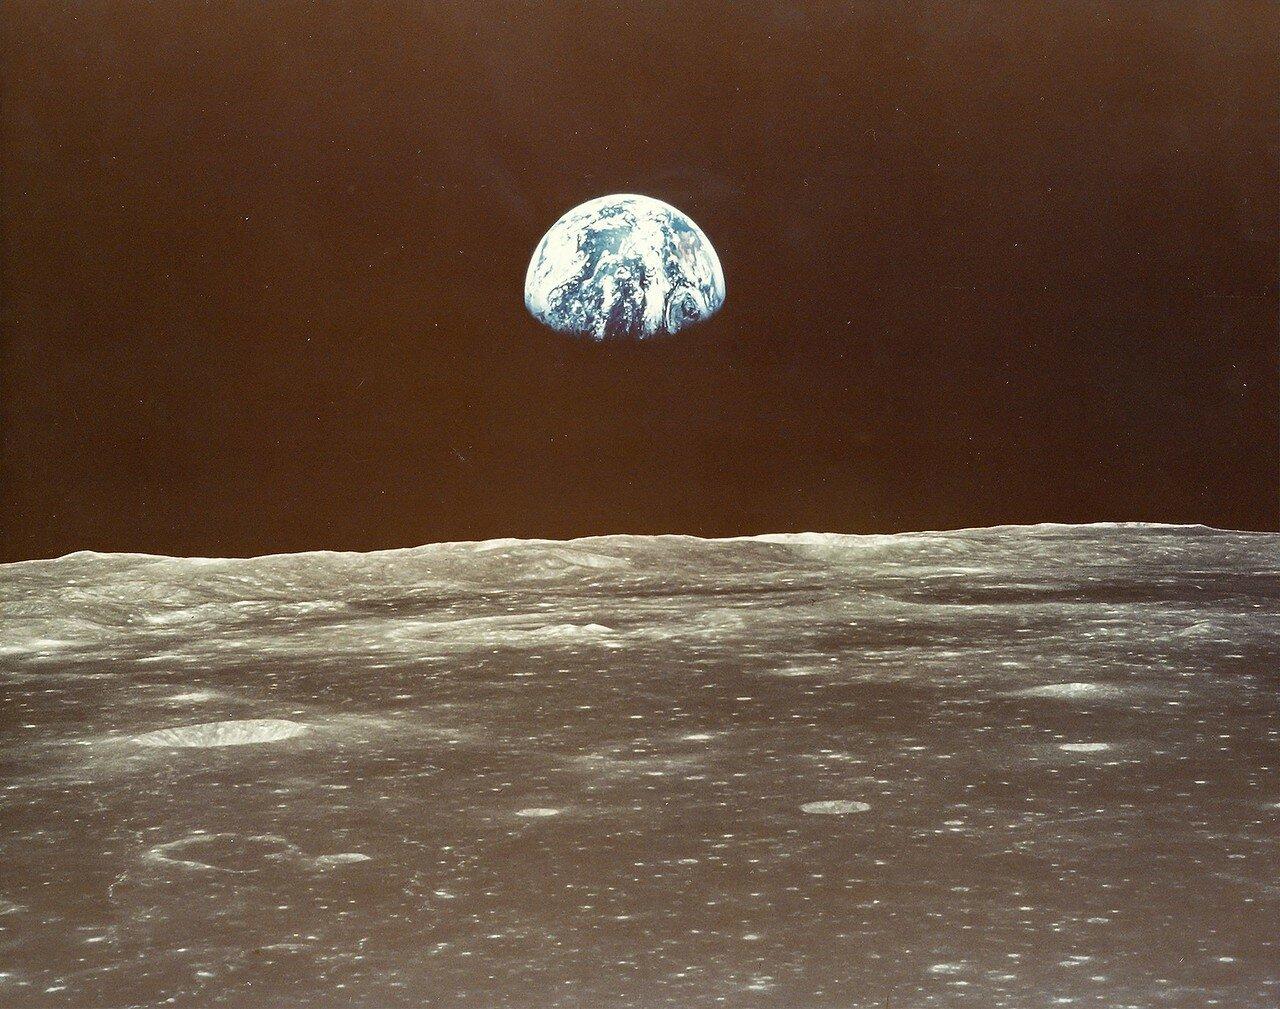 Когда манёвр был завершён, Армстронг и Олдрин сняли свои скафандры, которые были надеты на них с предыдущего дня. Оператор связи в Хьюстоне сообщил астронавтам, что их полёт — основная тема мировой прессы